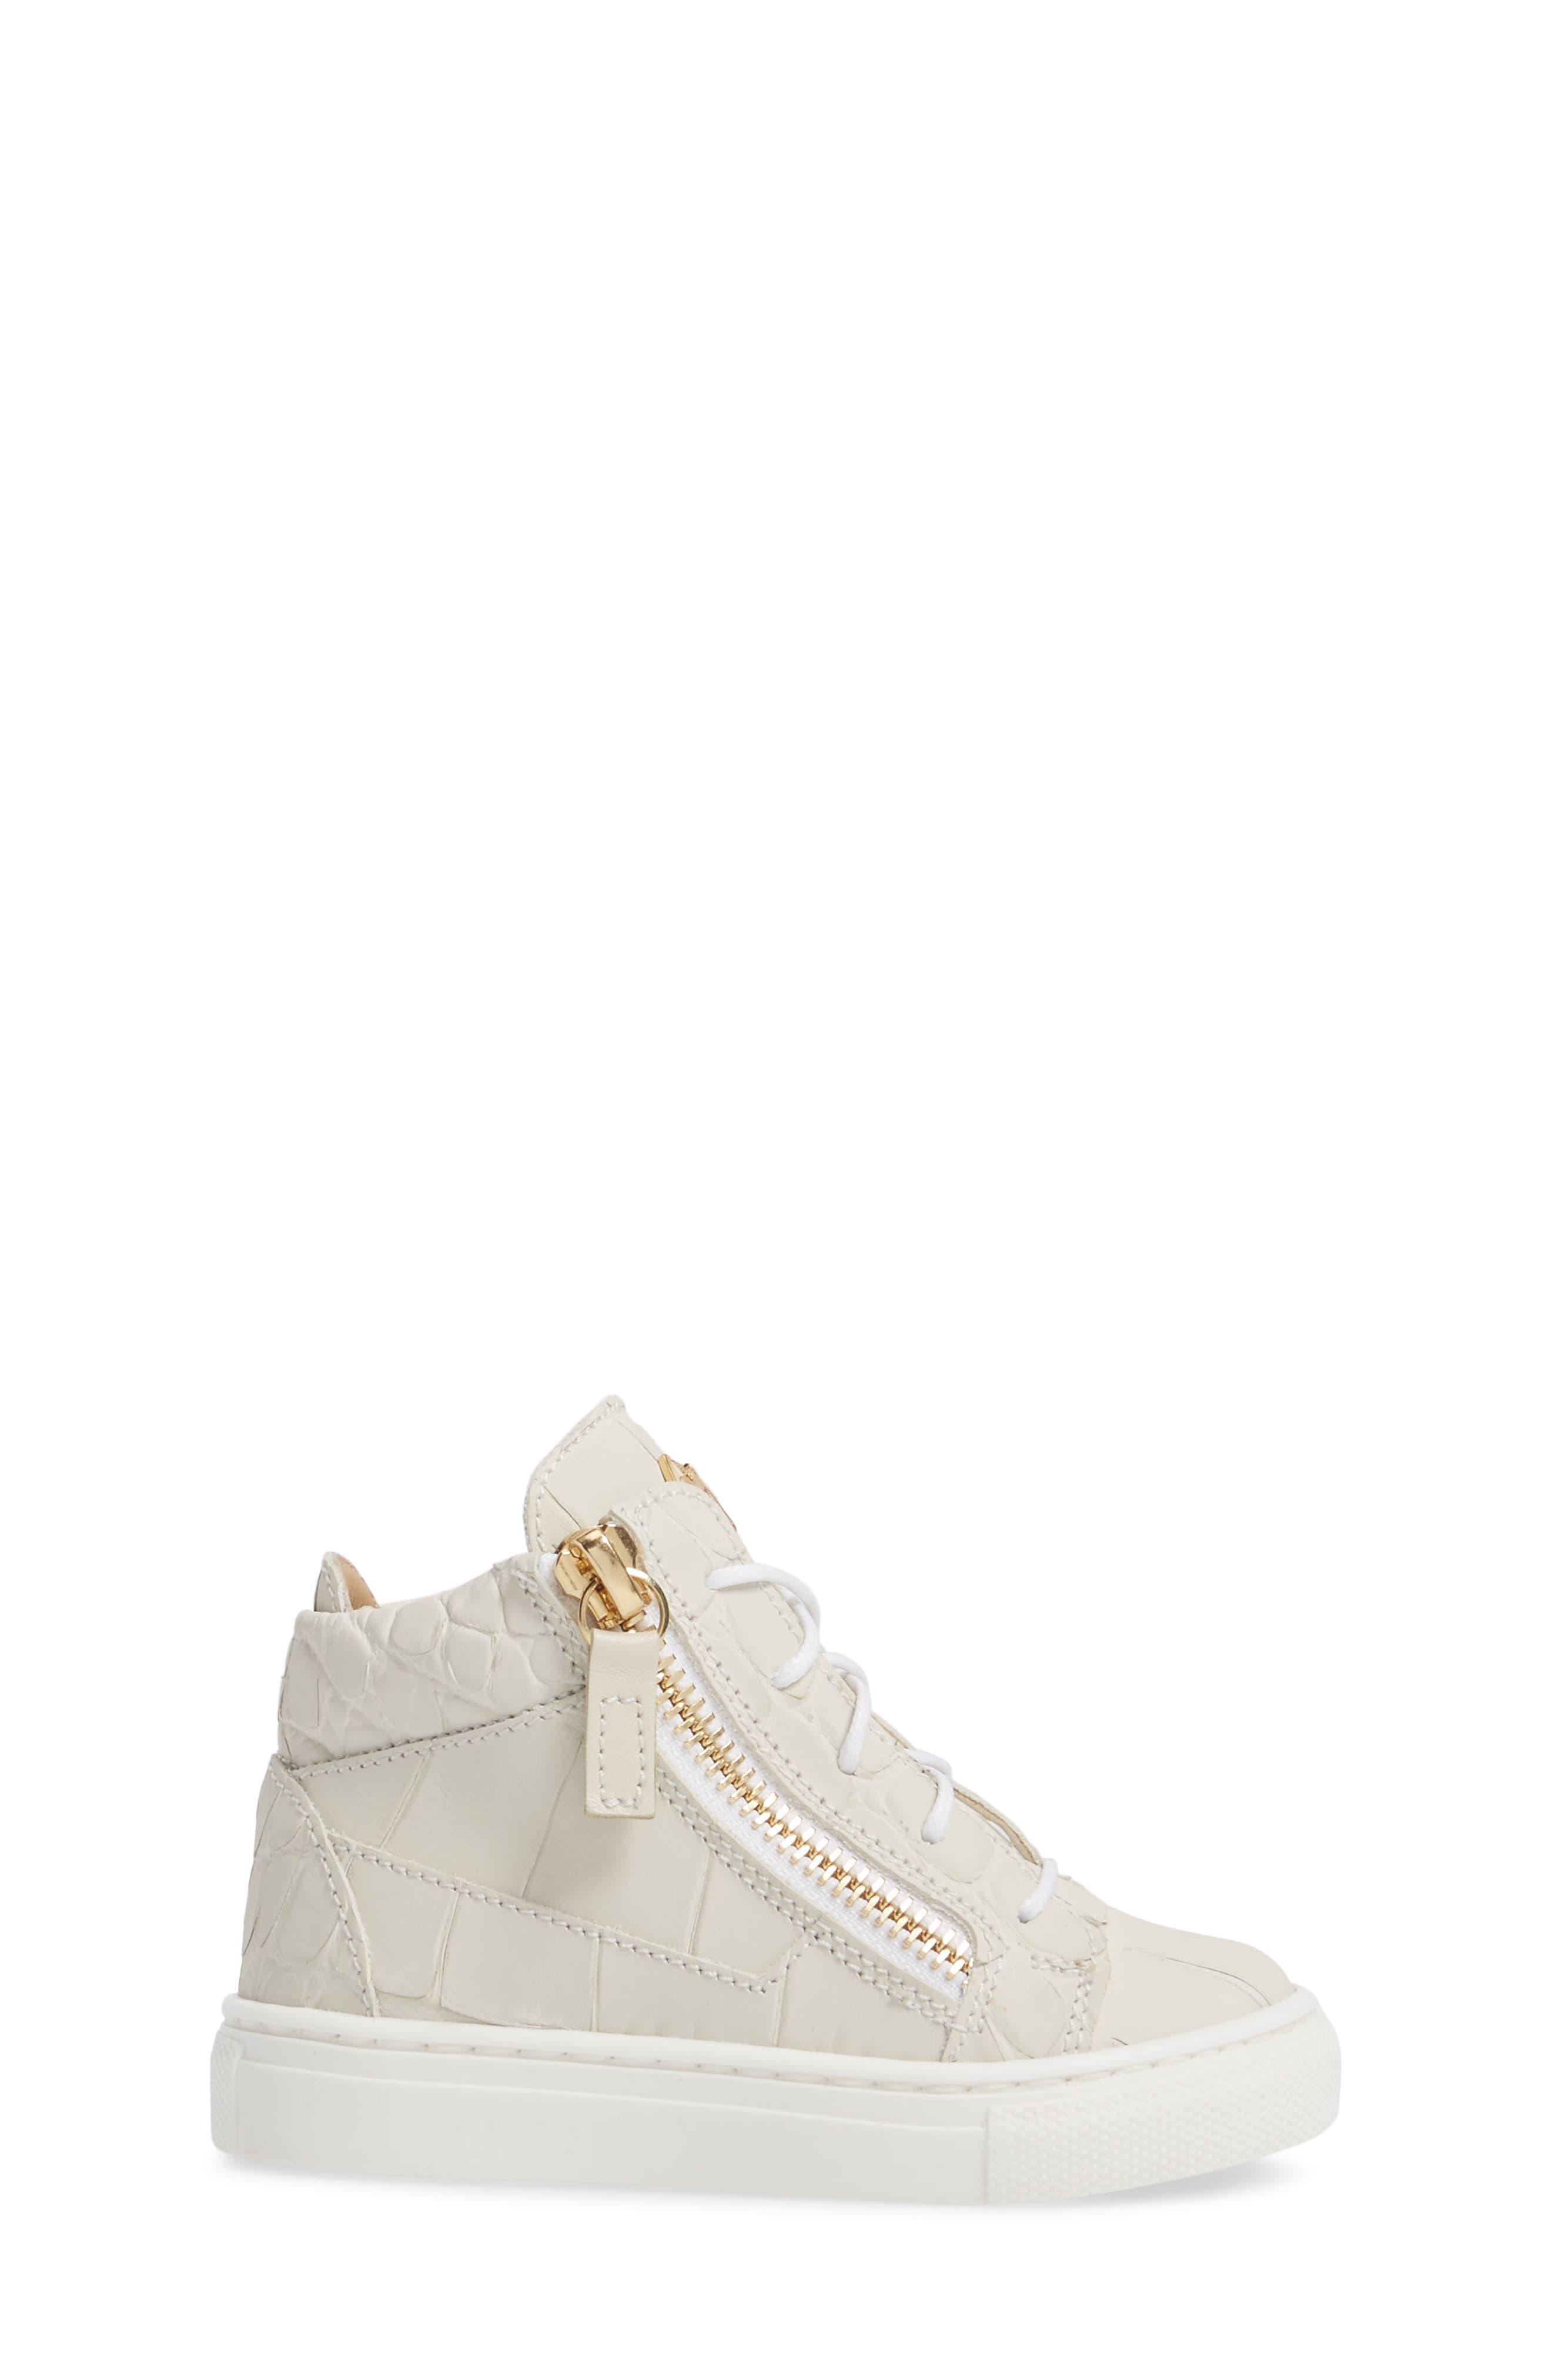 Alternate Image 3  - Giuseppe Zanotti Natalie High Top Sneaker (Baby, Walker, Toddler & Little Kid)